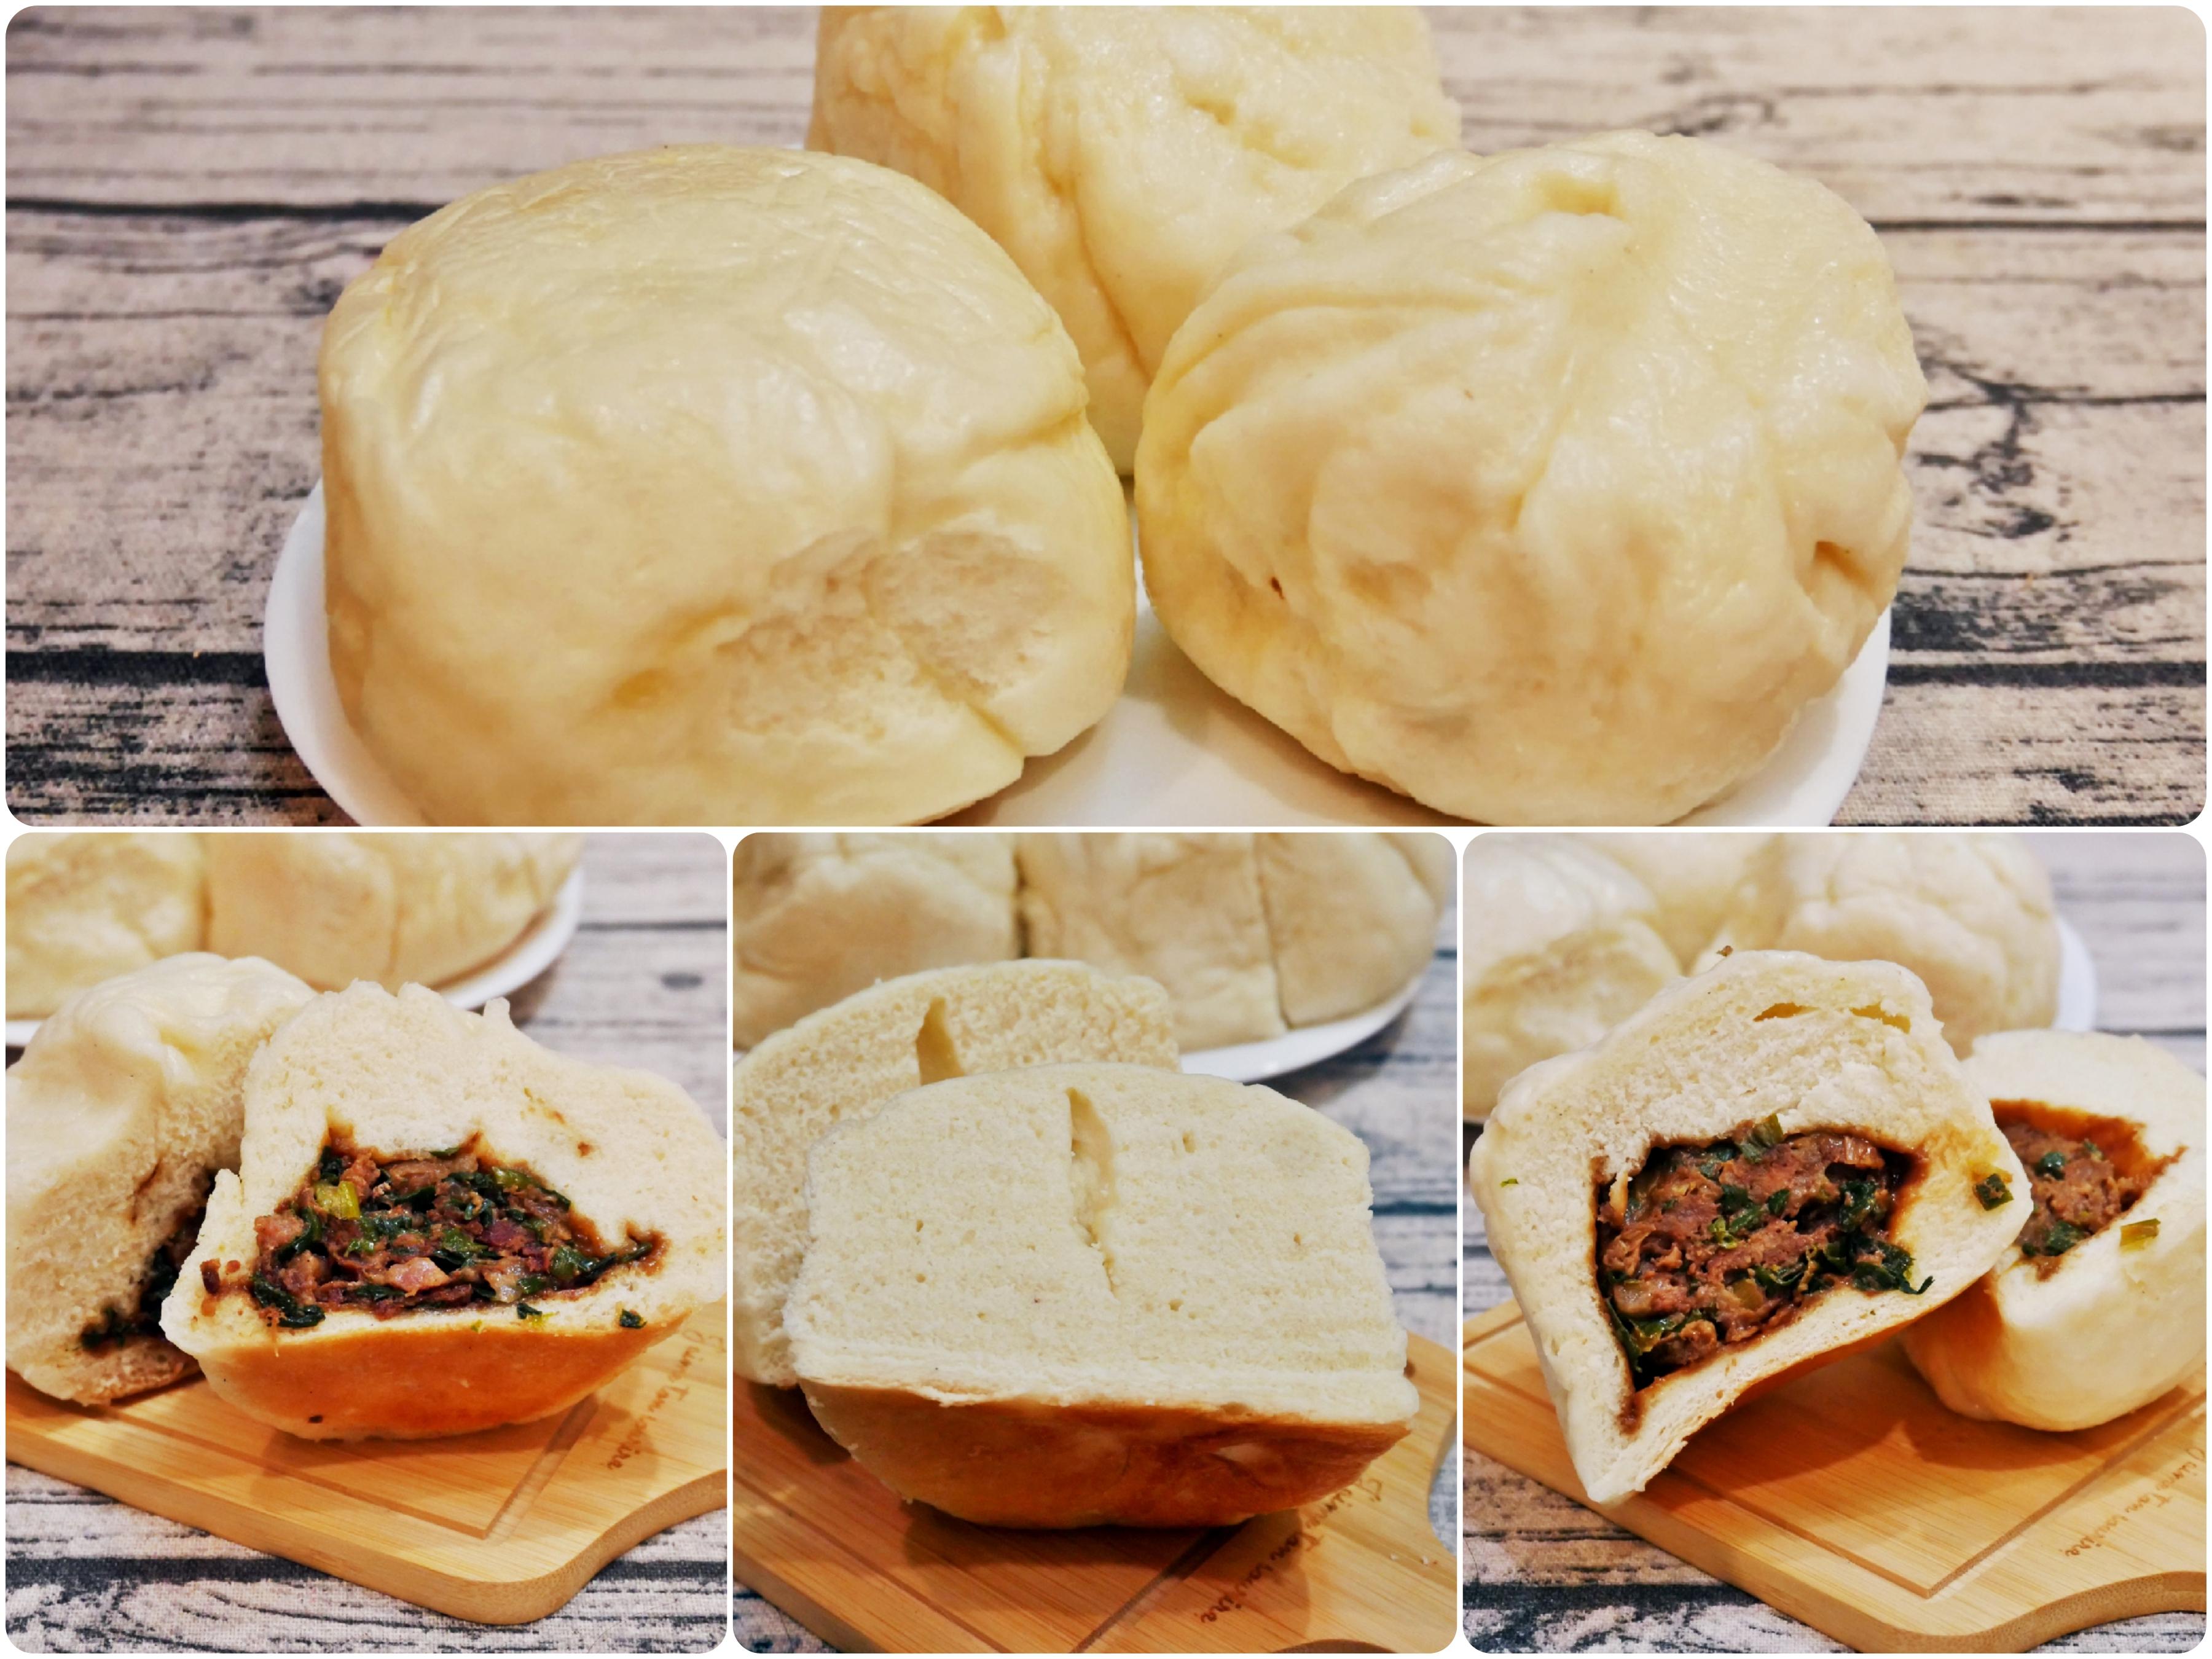 『桃園。中壢』 中原商圈(夜市)美食 包好甲蔥燒包|現做包子 超大一包 皮厚Q彈餡香有嚼勁。